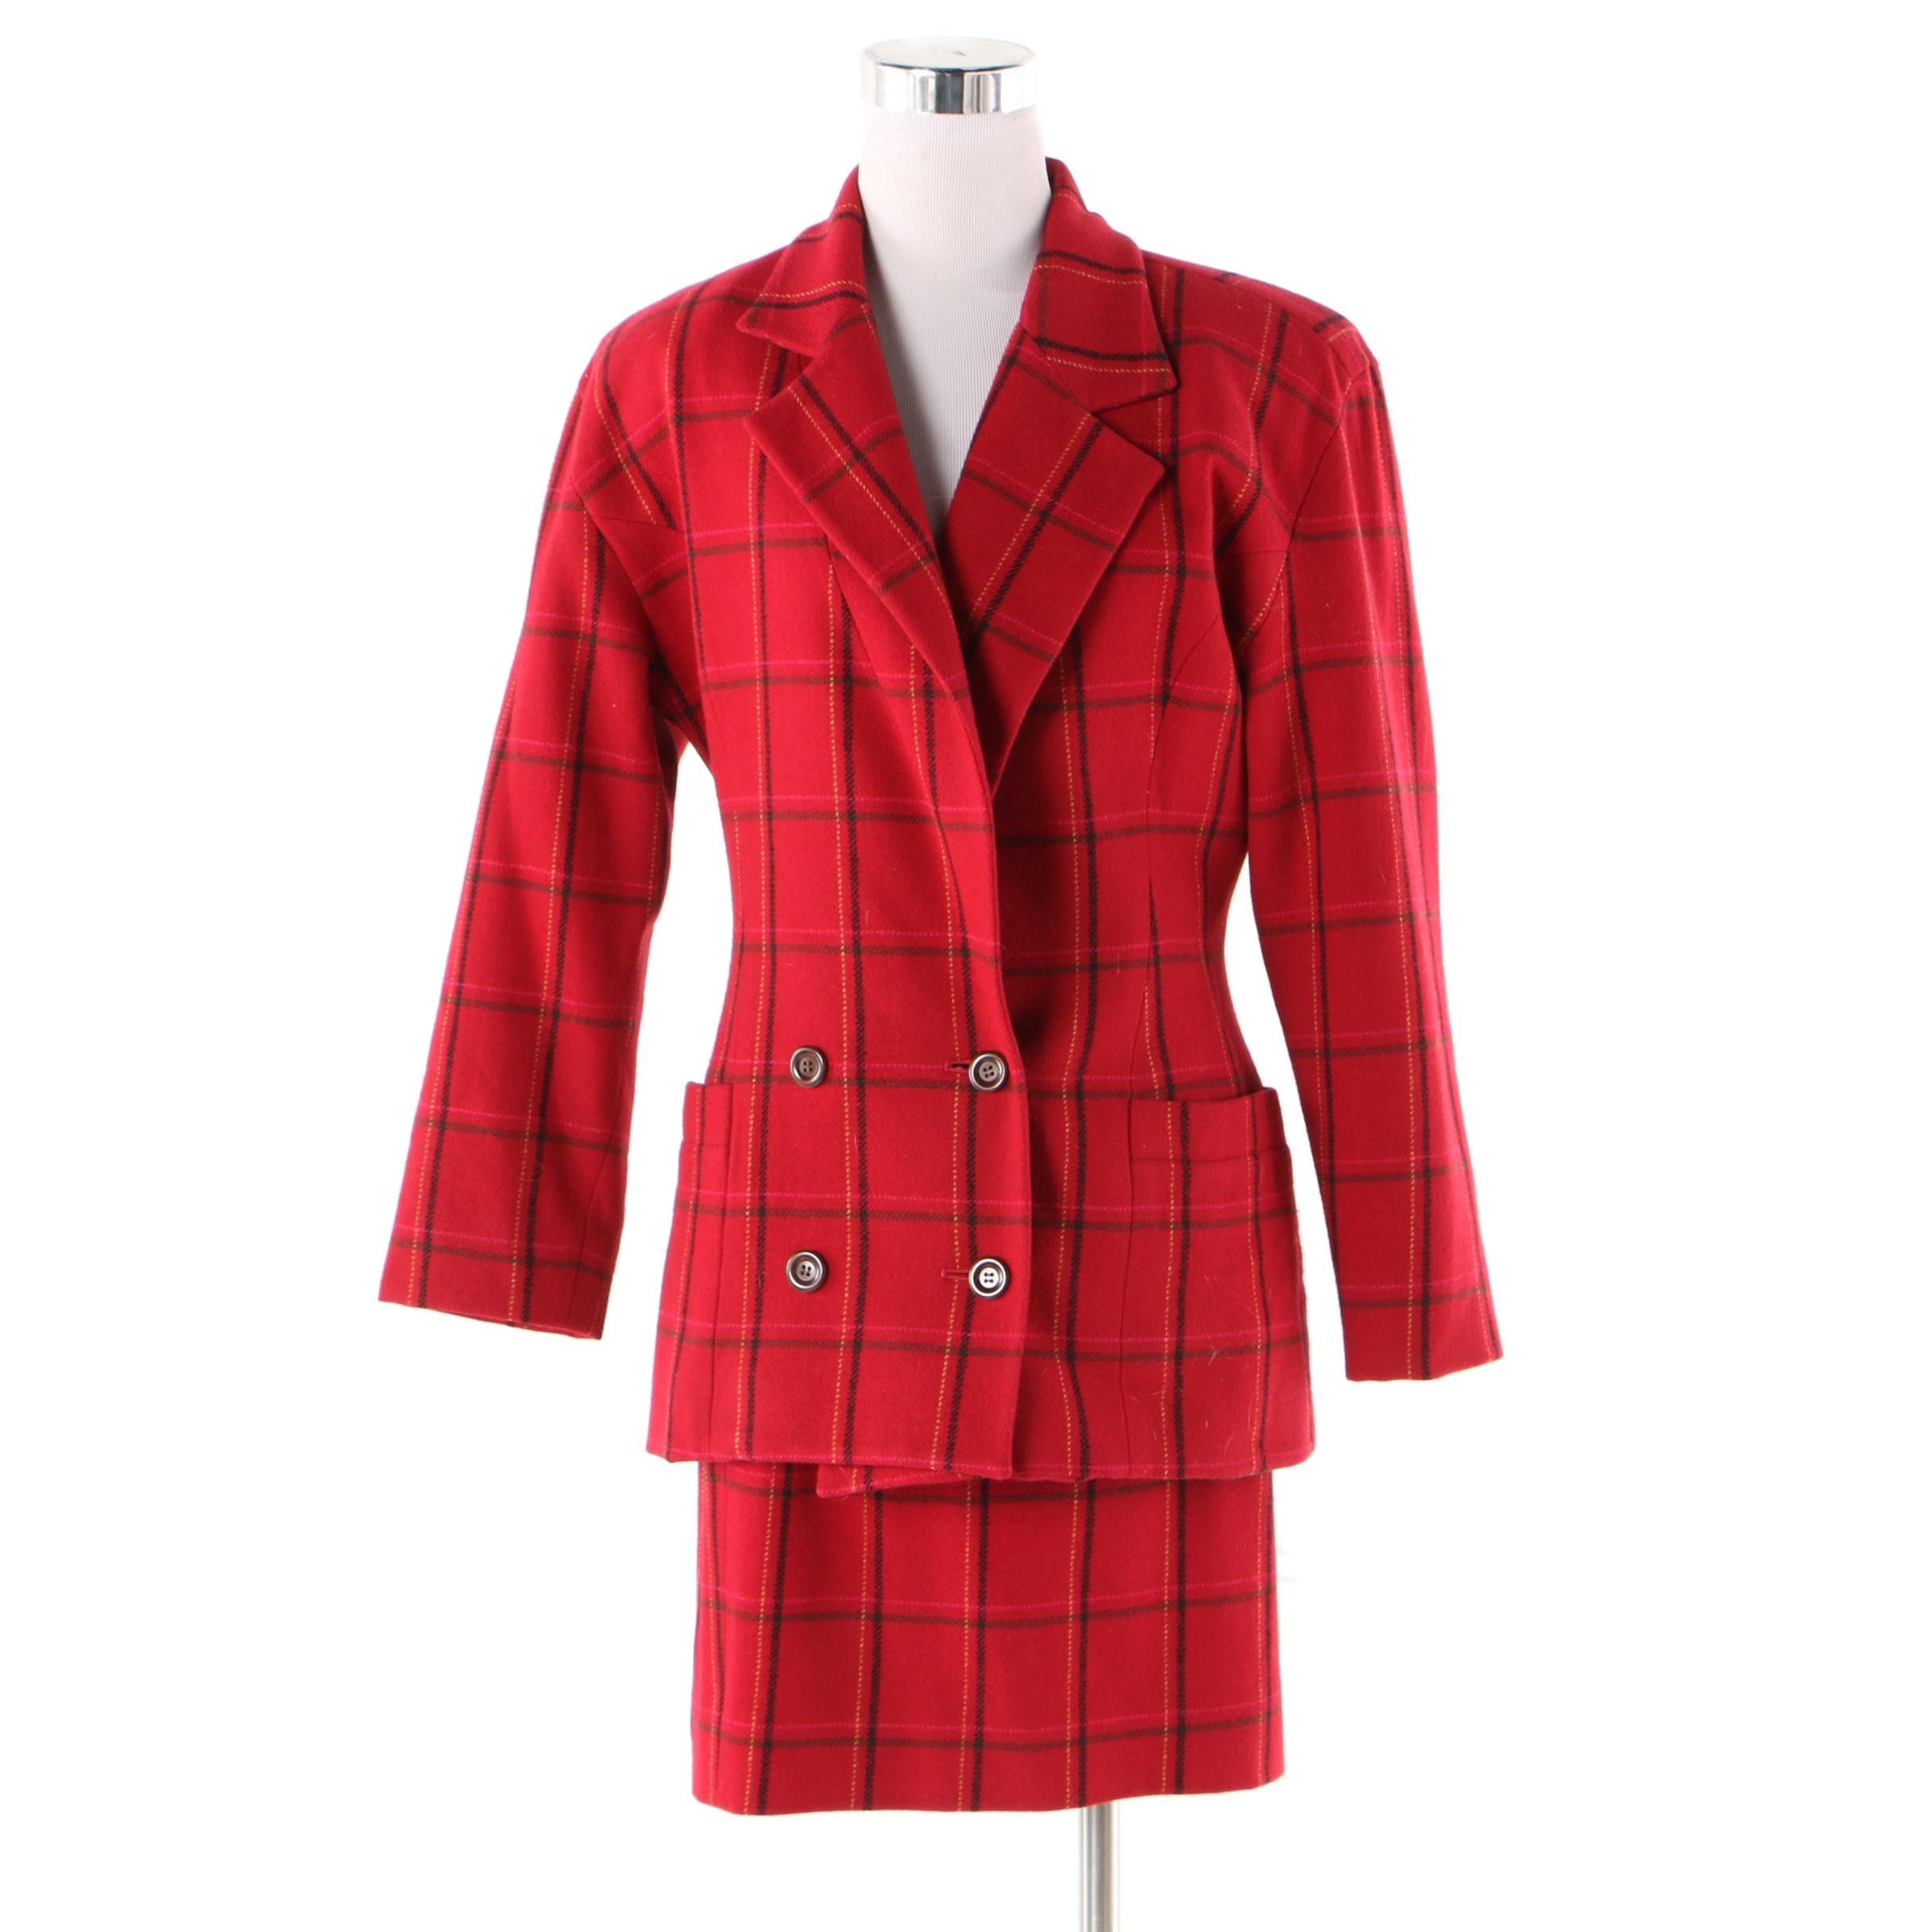 Emanuel by Emanuel Ungaro Red Plaid Wool Skirt Suit